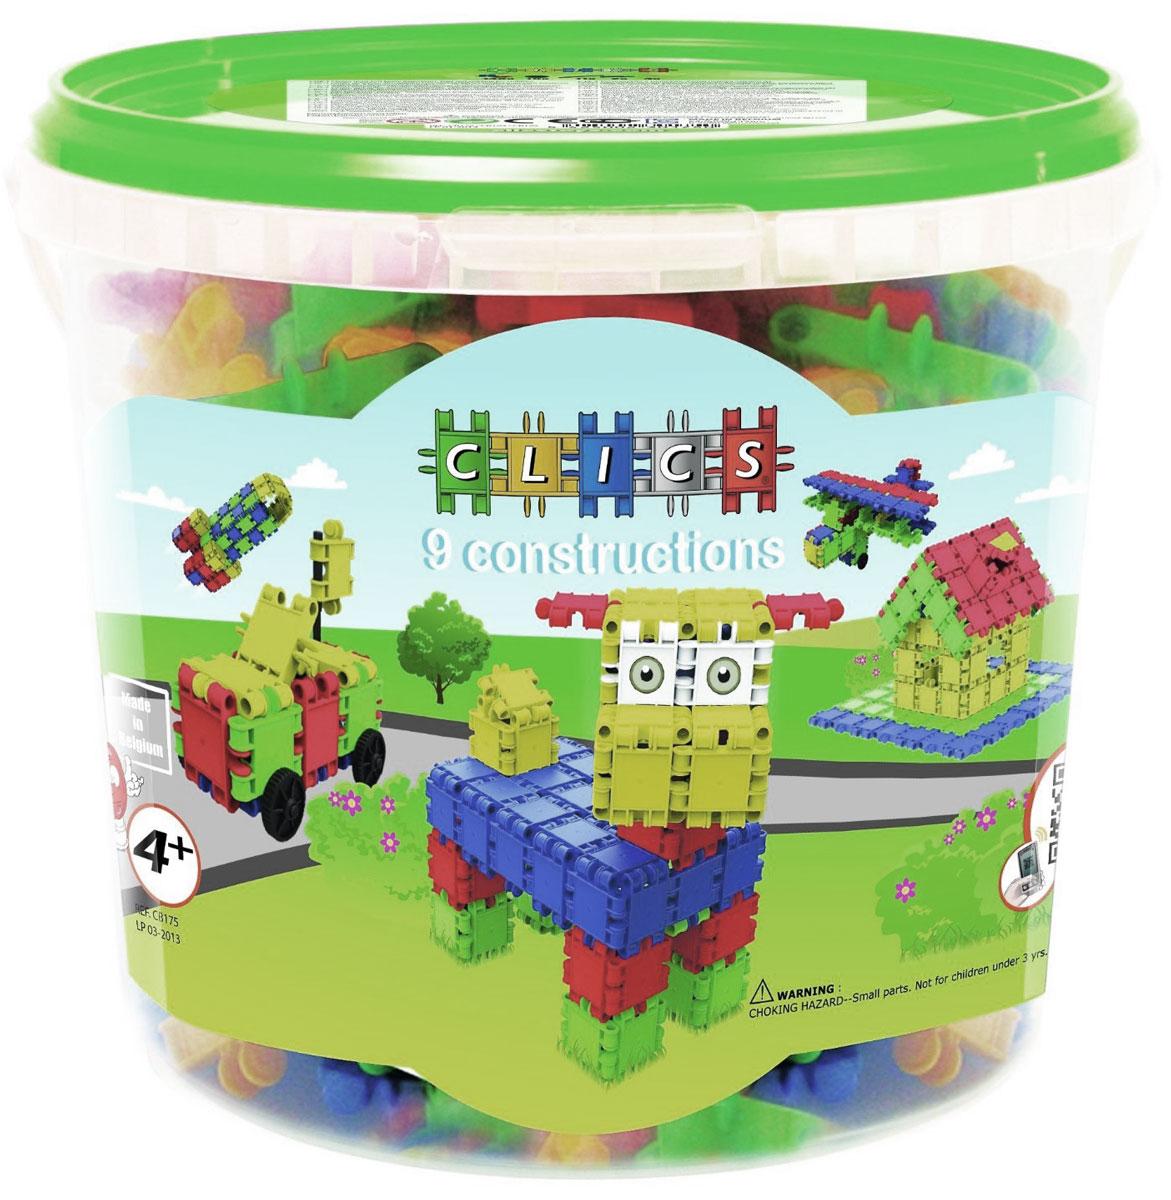 Clics Конструктор 9 моделейCB175Конструктор Clics - отличный набор для всестороннего развития вашего ребенка. Особенность конструктора заключается в том, что он позволяет ребенку строить бесконечные забавные модели, руководствуясь своей фантазией или по прилагаемой инструкции (домик, собачку, самолет и многое другое). Элементы конструктора выполнены в ярких цветах. Все наборы Clics легко дополняют друг друга и помимо неимоверного количества игровых построек, позволяют собирать геометрические фигуры, выкладывать разноцветные орнаменты. Конструктор способствует творческому развитию, а также развитию логического мышления, мелкой моторики рук, стимулирует стремление к поиску решений задач. Набор удобен в хранении, все детали укомплектованы в легкое пластмассовое ведерко с ручкой. Конструктор содержит: 148 элементов, 10 колес, 11 осей, 2 фаркопа, 4 пирамидки, наклейки, буклет.